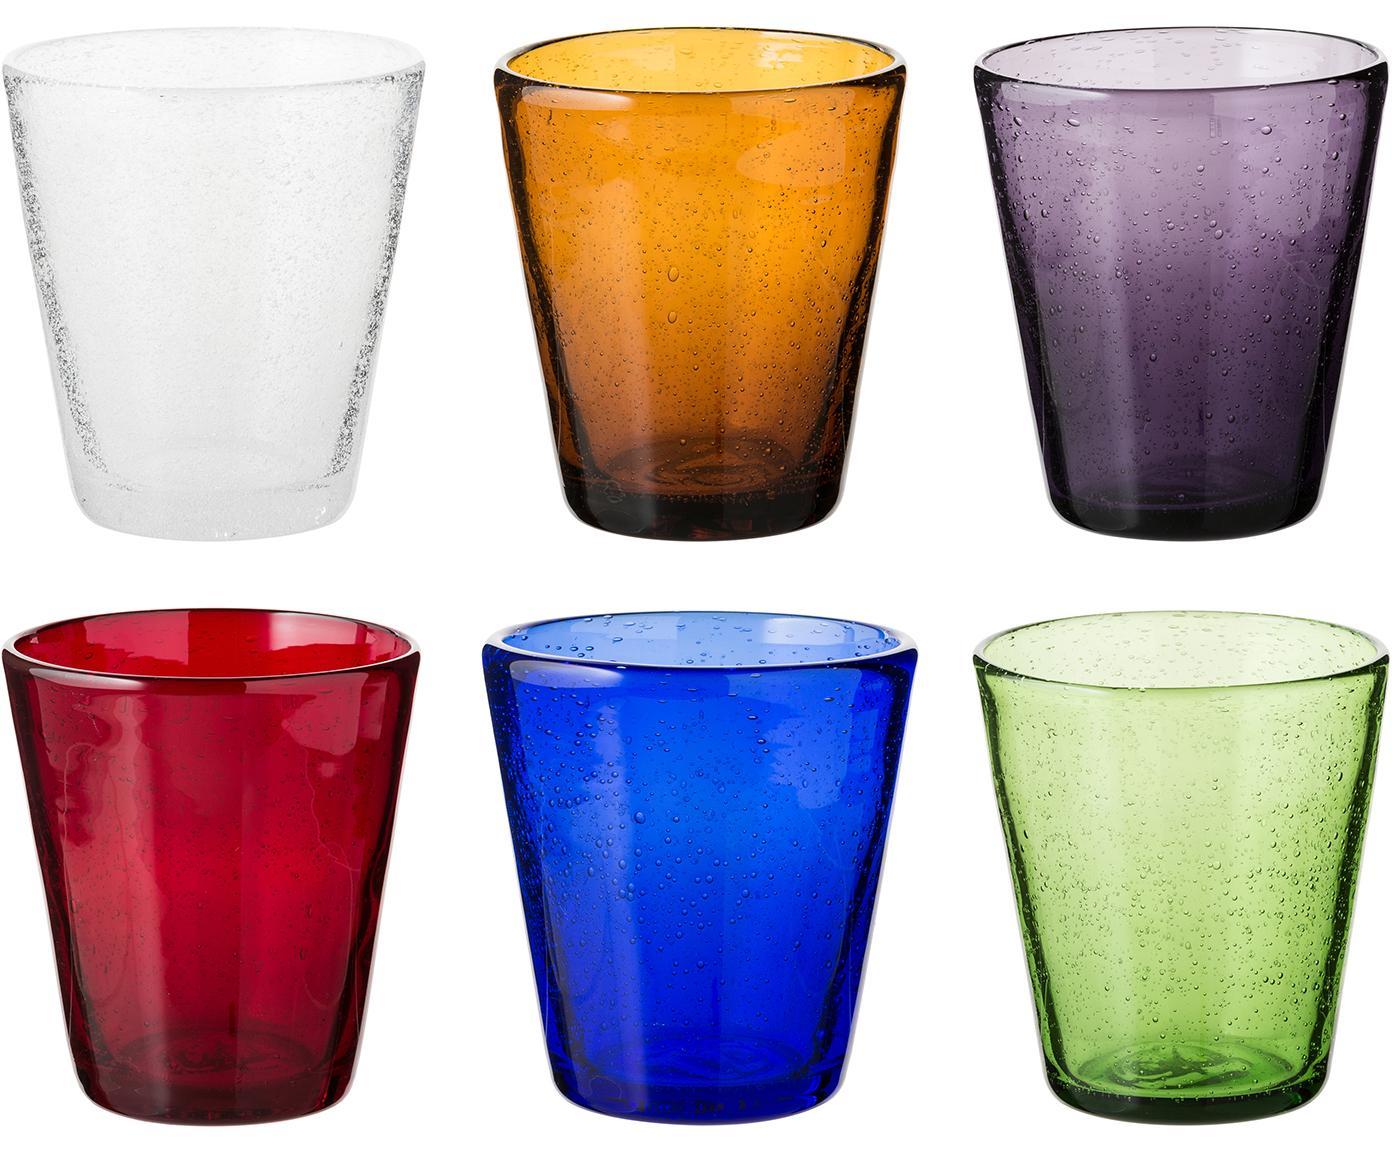 Komplet szklanek do wody ze szkła dmuchanego  Cancun, 6elem., Szkło dmuchane, Wielobarwny, Ø 9 x W 11 cm